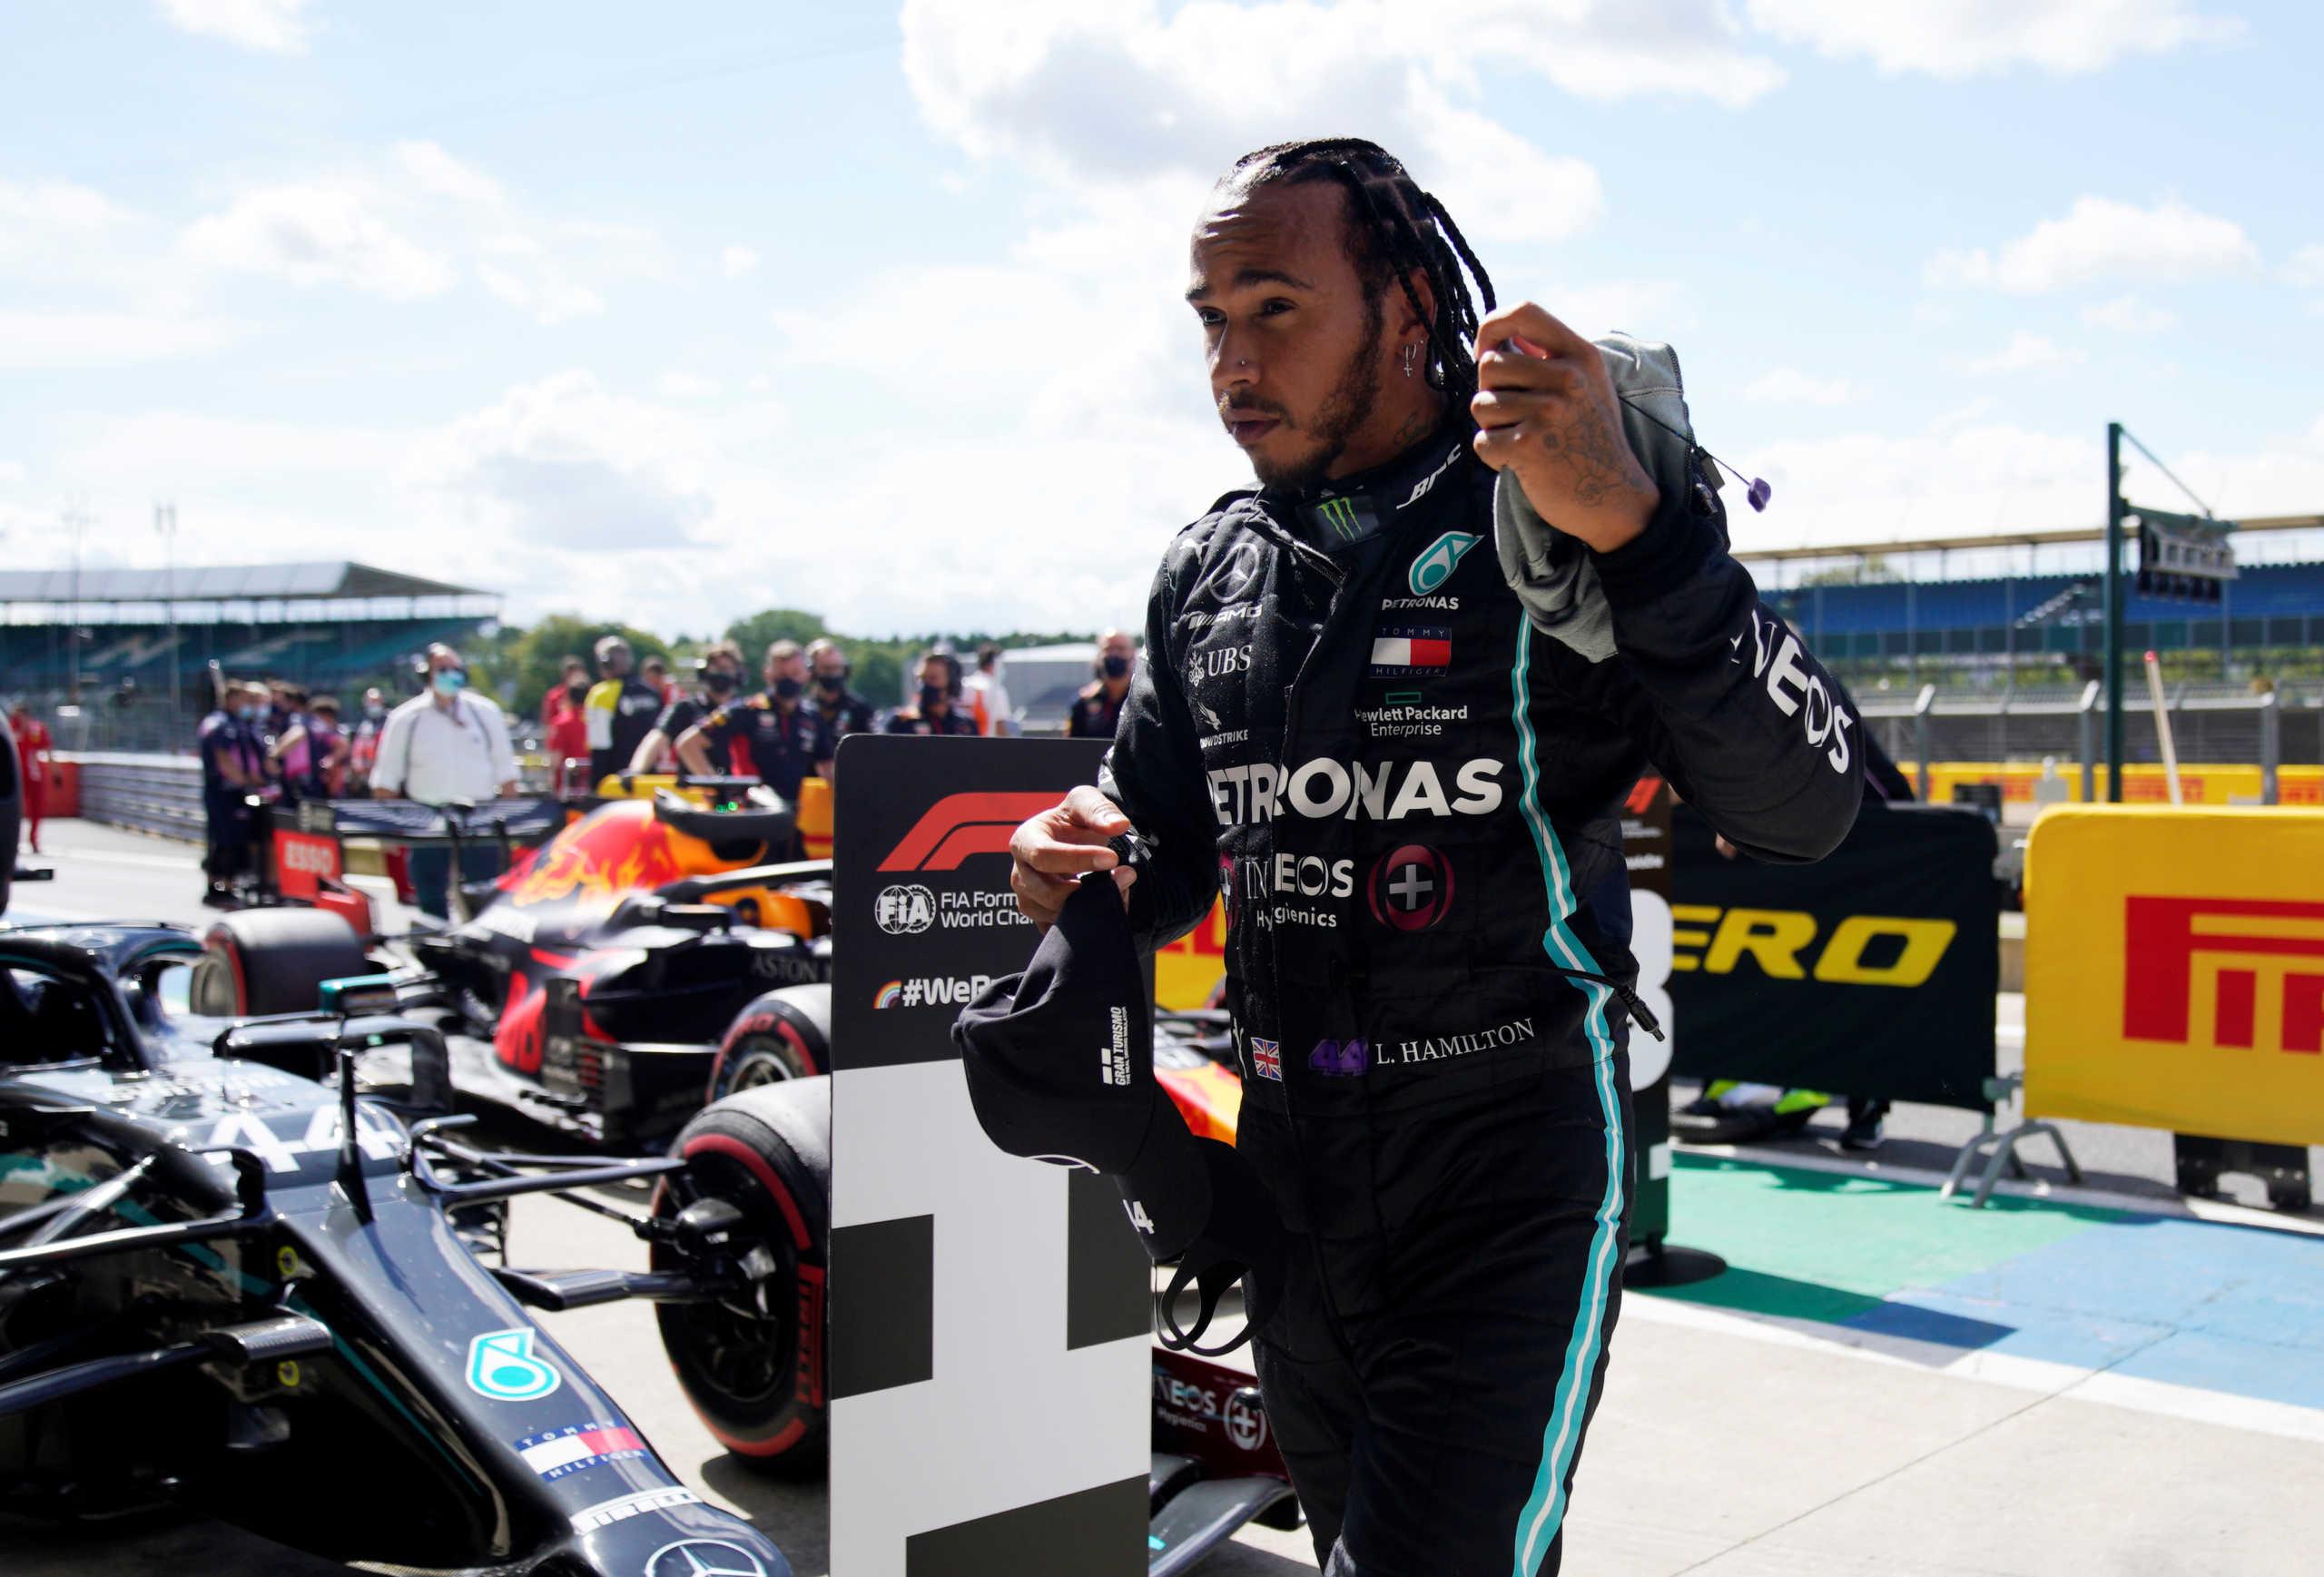 Η Formula 1 μπαίνει στην «pole position» στο Grand Prix του Μπαχρέιν